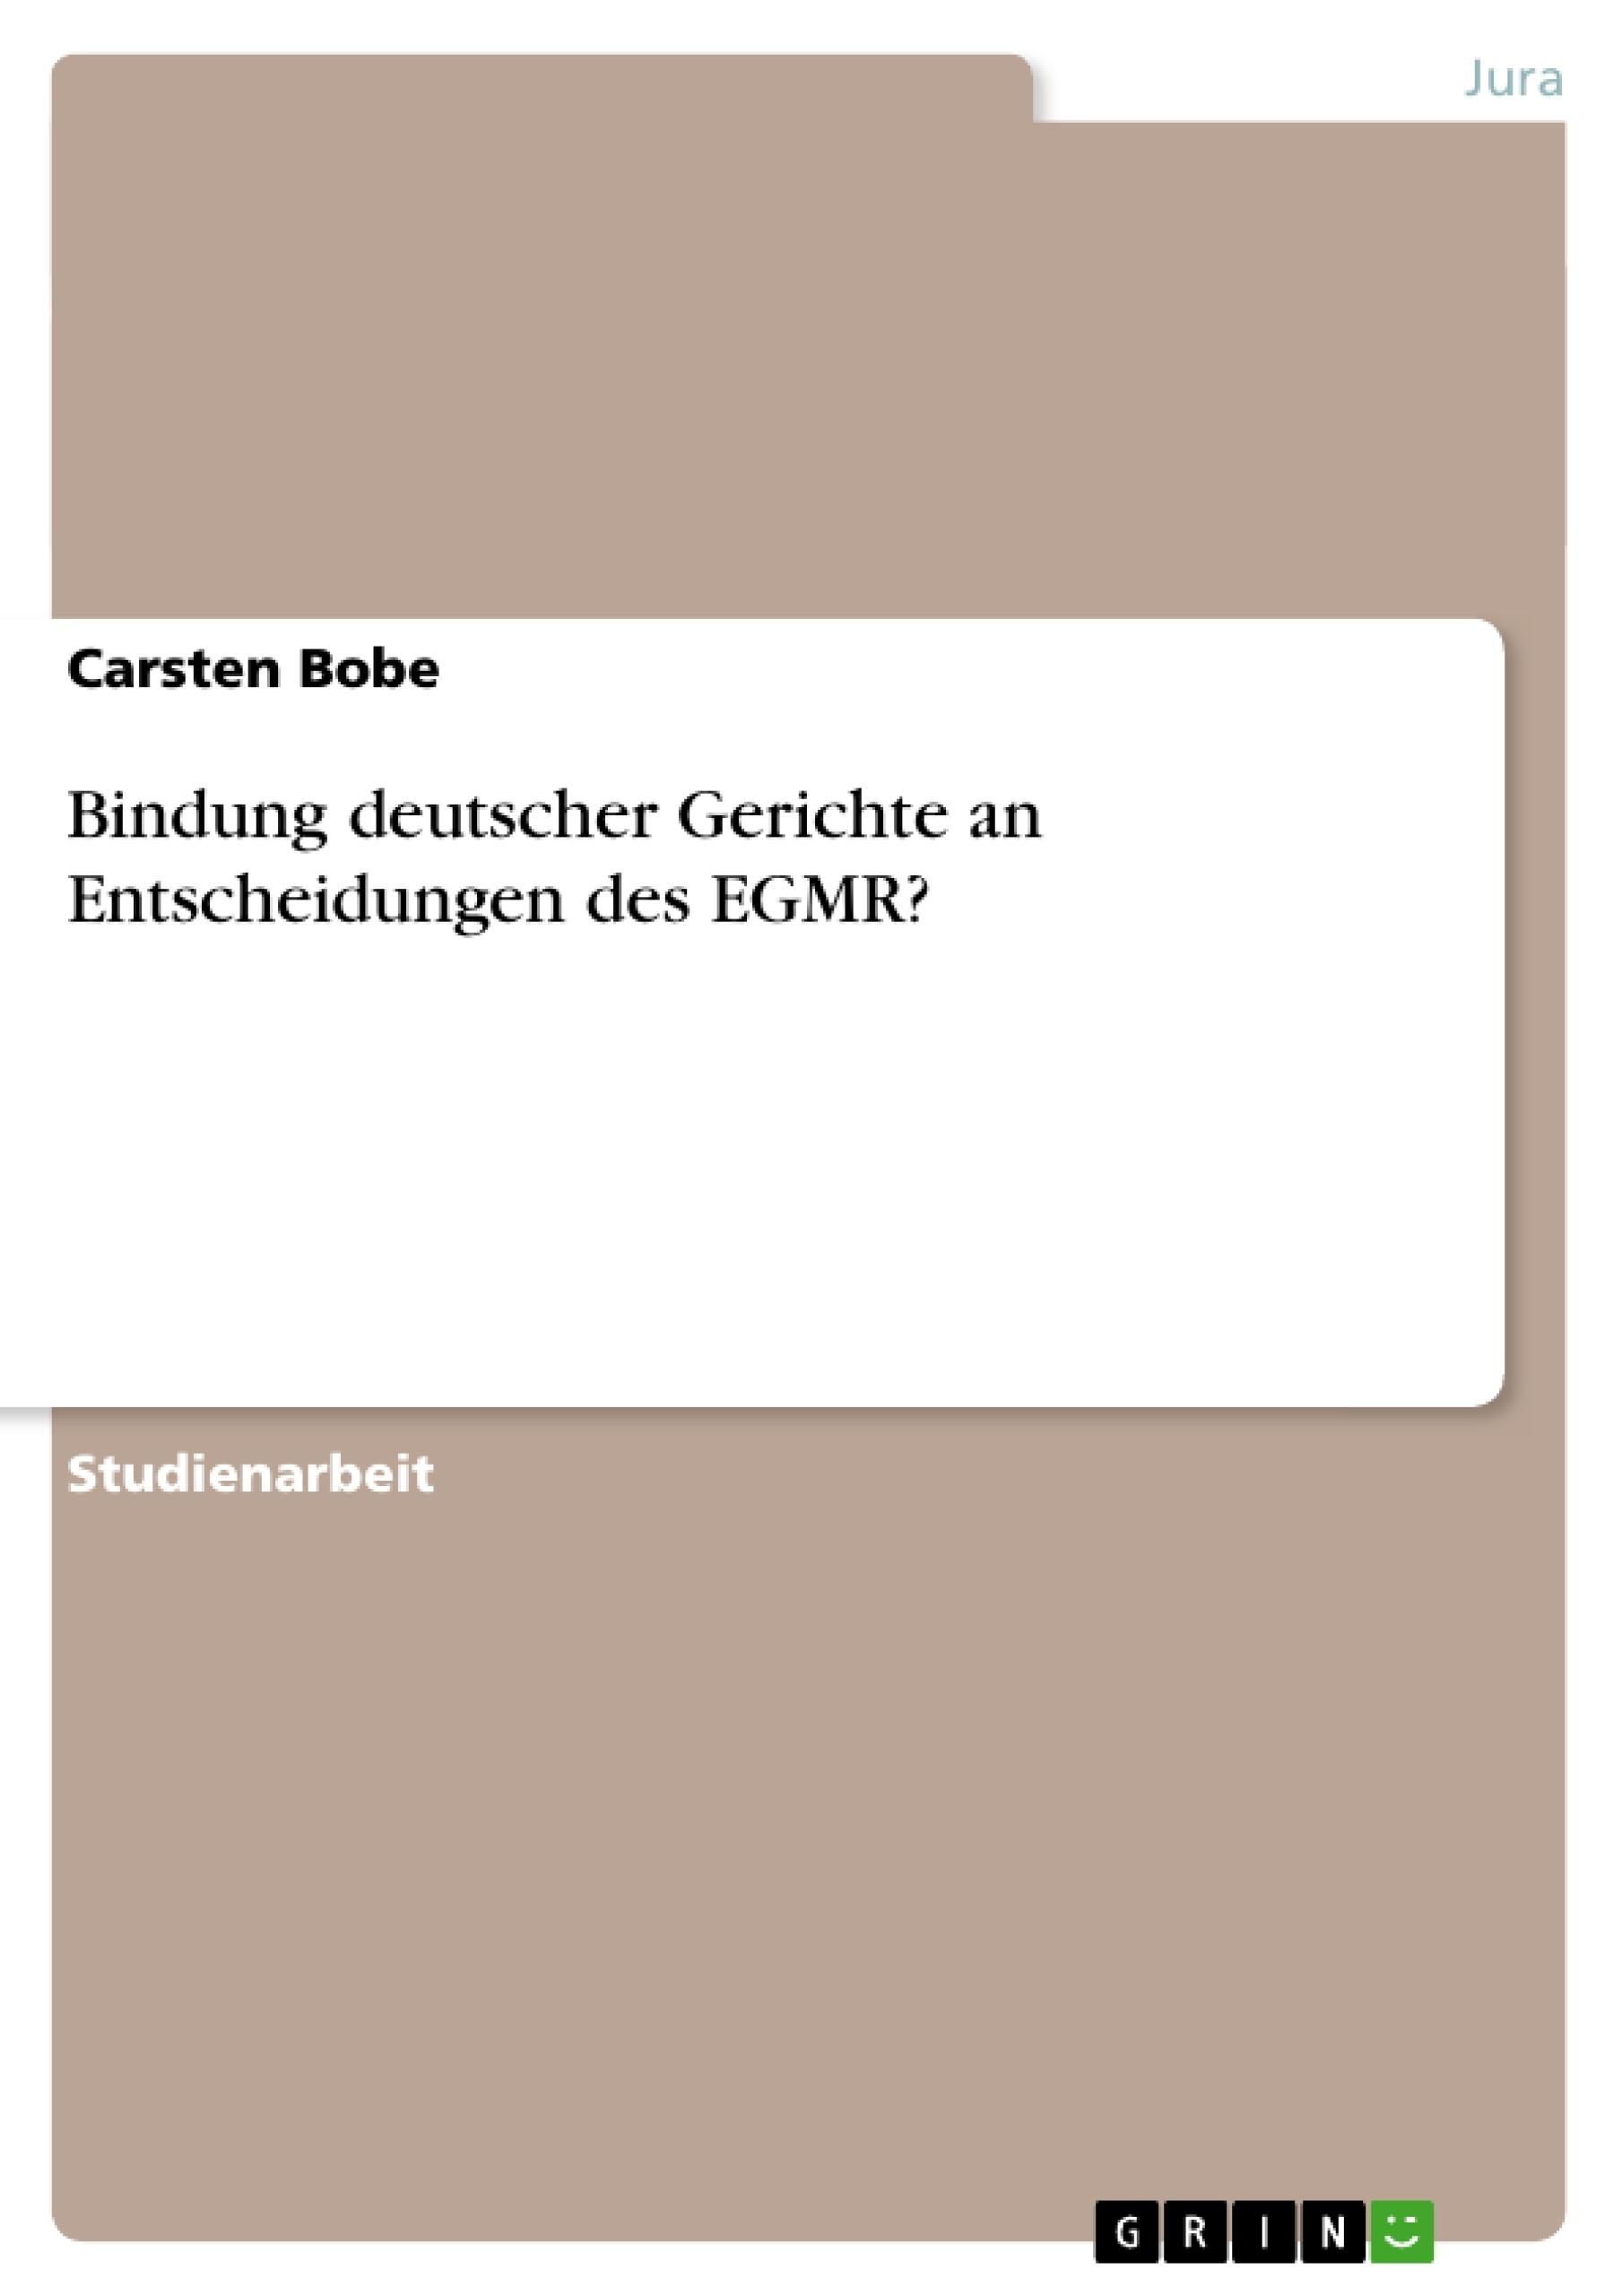 Titel: Bindung deutscher Gerichte an Entscheidungen des EGMR?